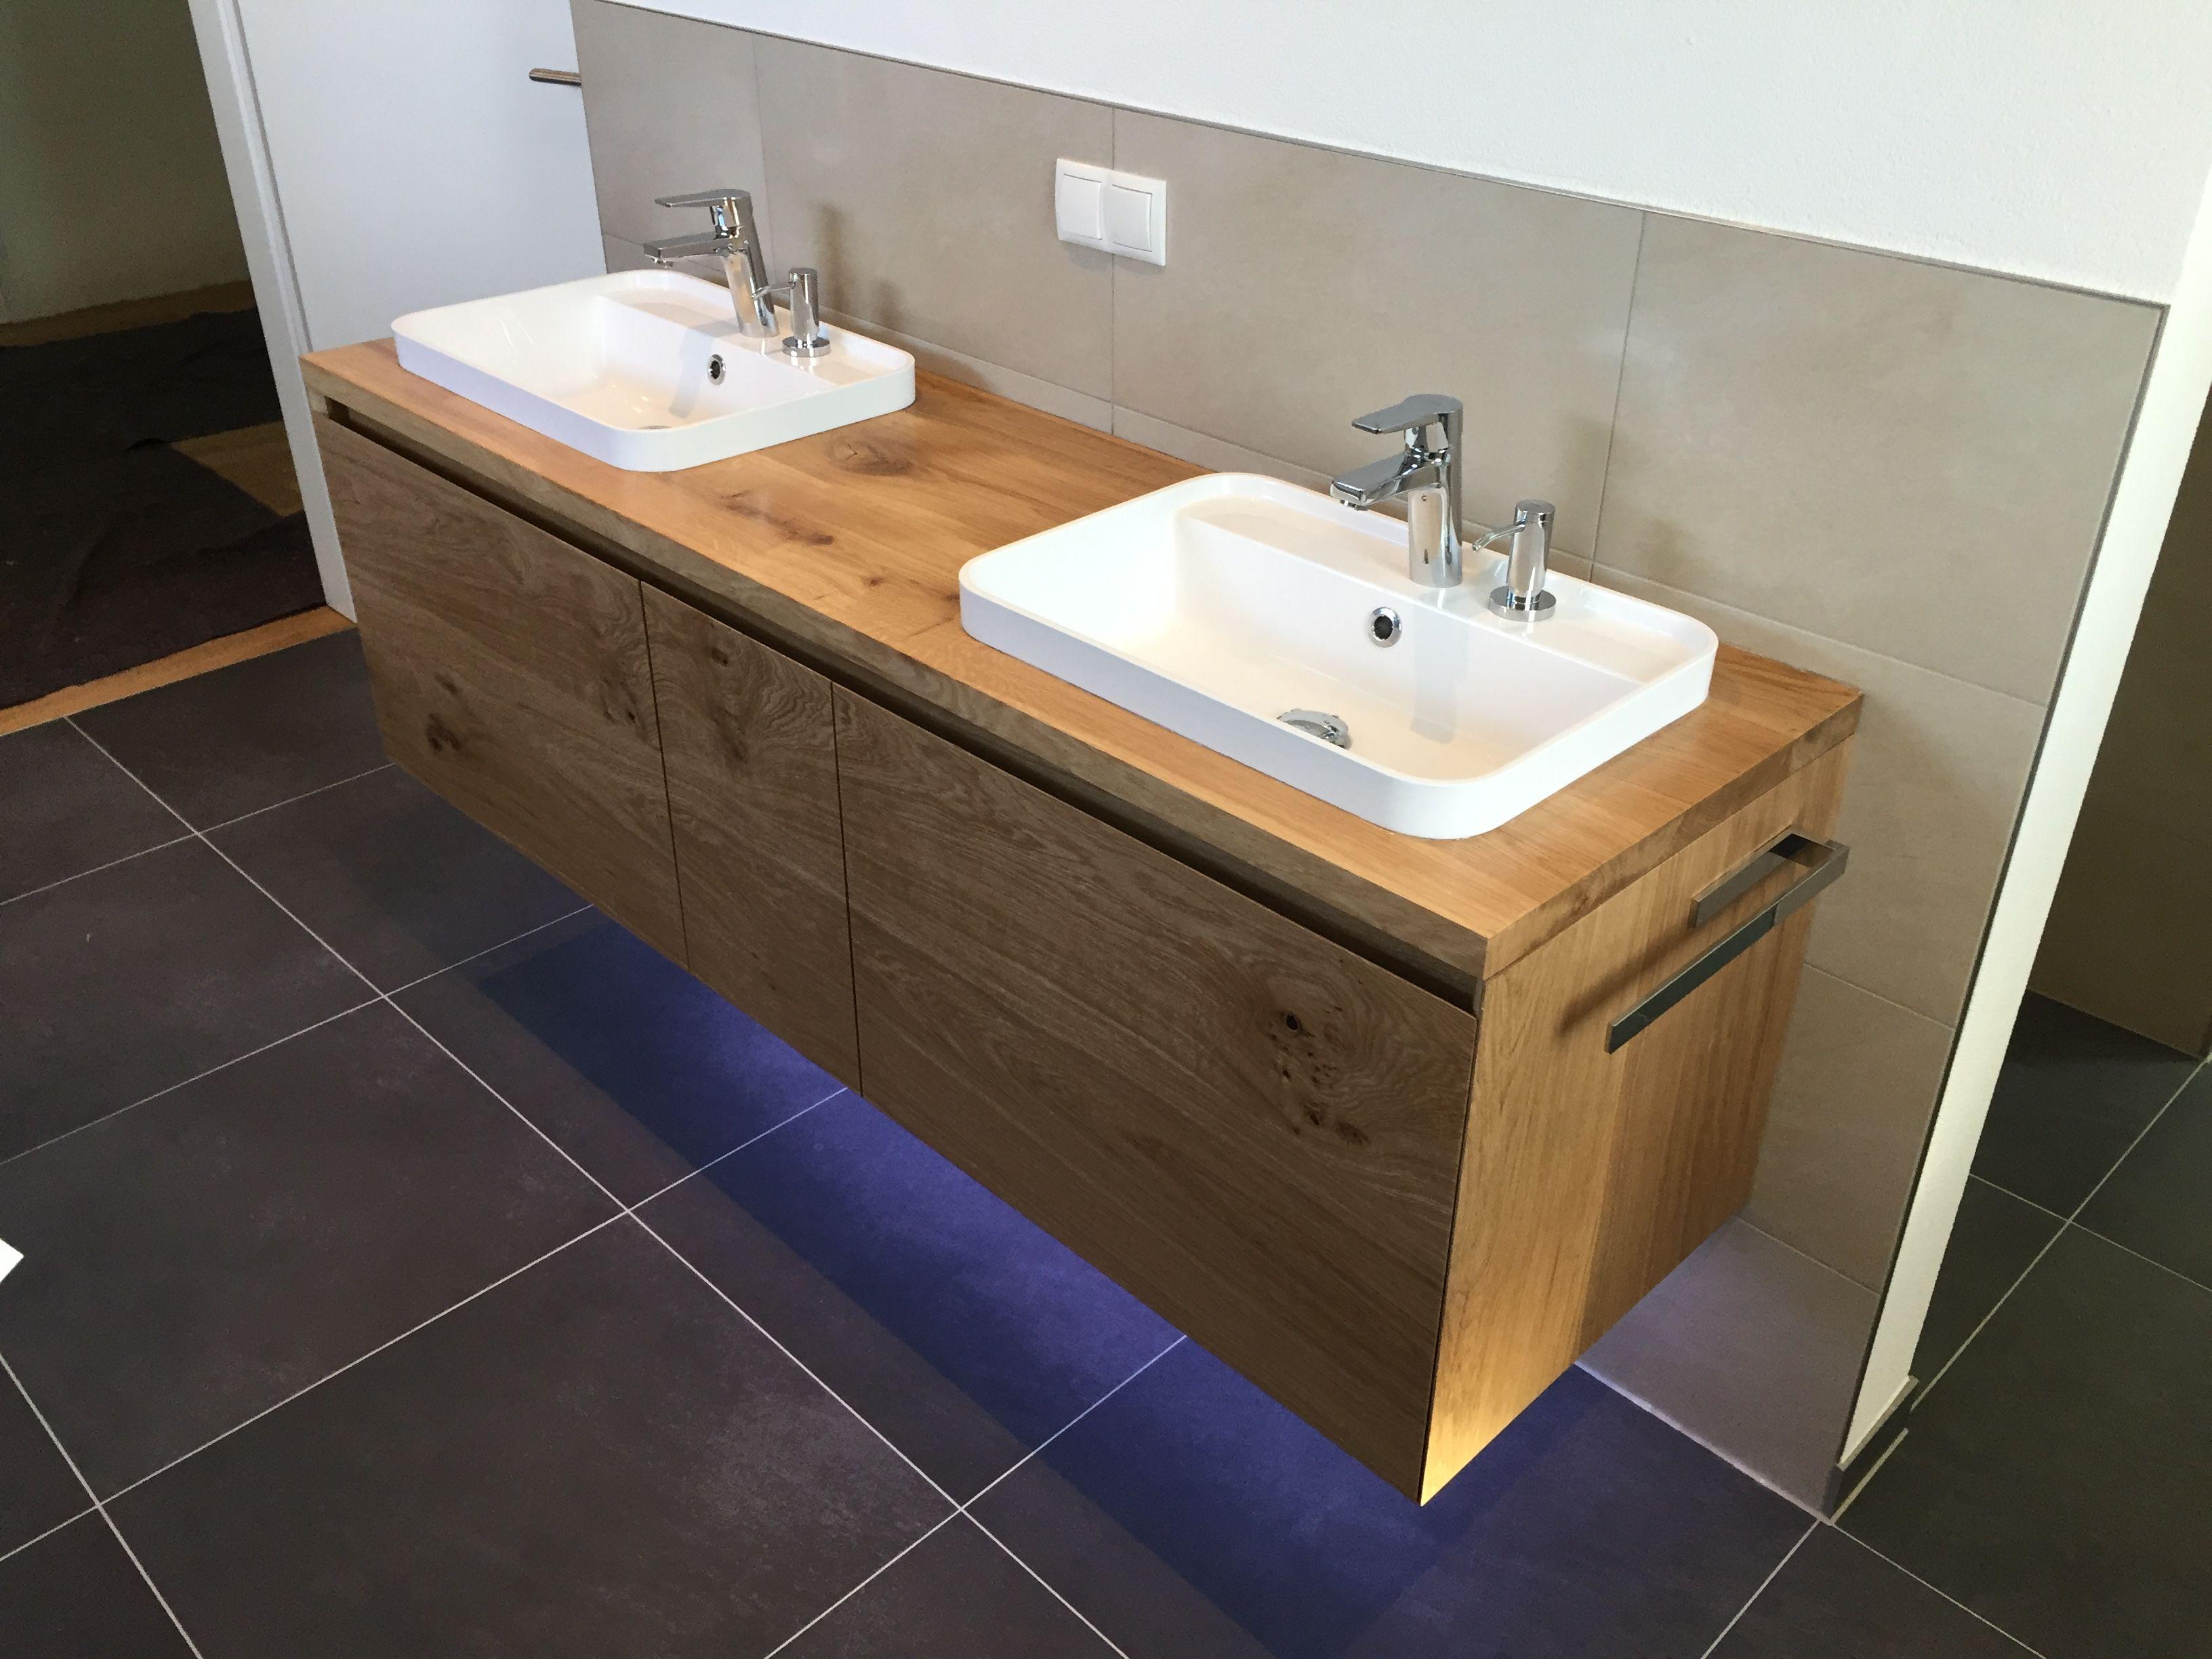 Echtholz Eiche Waschtischanlage Www One Bath De Badmobel Nach Mass